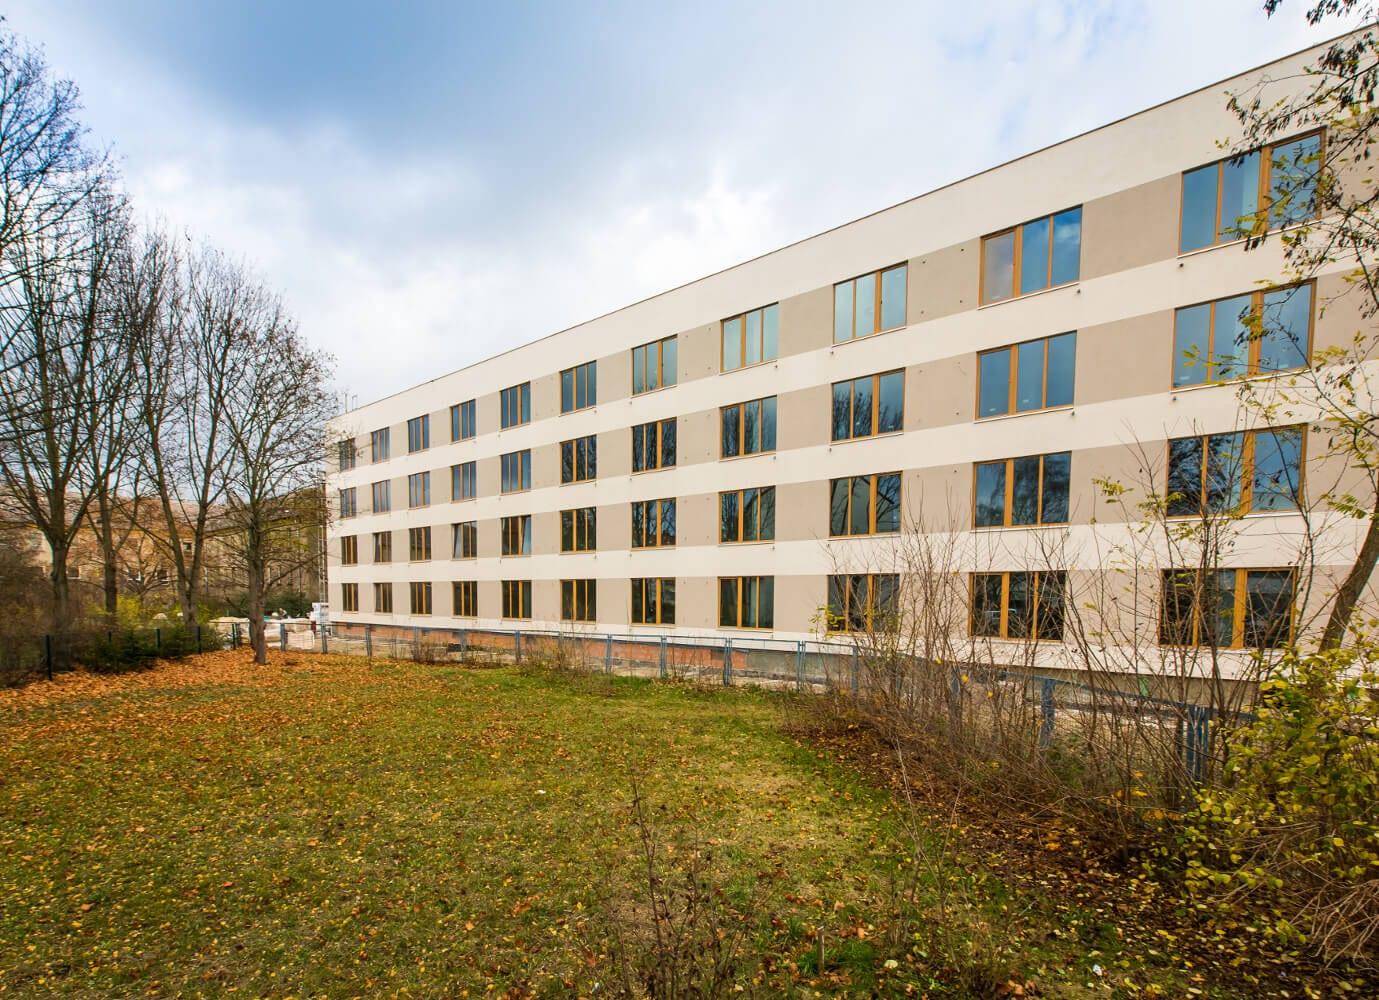 Das sanierte Gebäude des Bambus Campus. © NATURSTROM AG